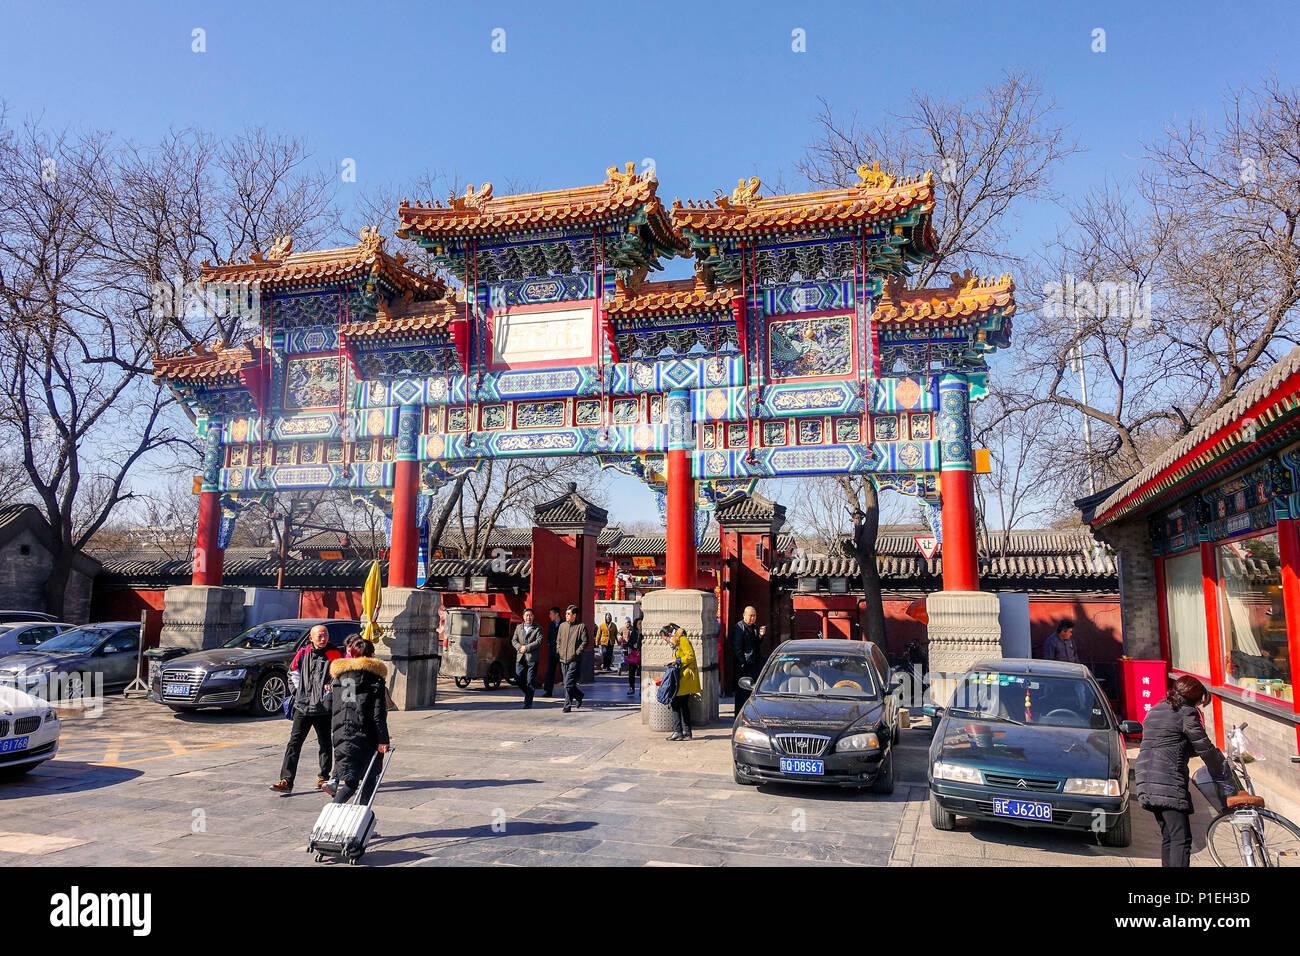 Peking, China - MÄRZ 10, 2016: Touristen und Pilger an der Yonghegong Lamatempel in Peking, China. Stockfoto